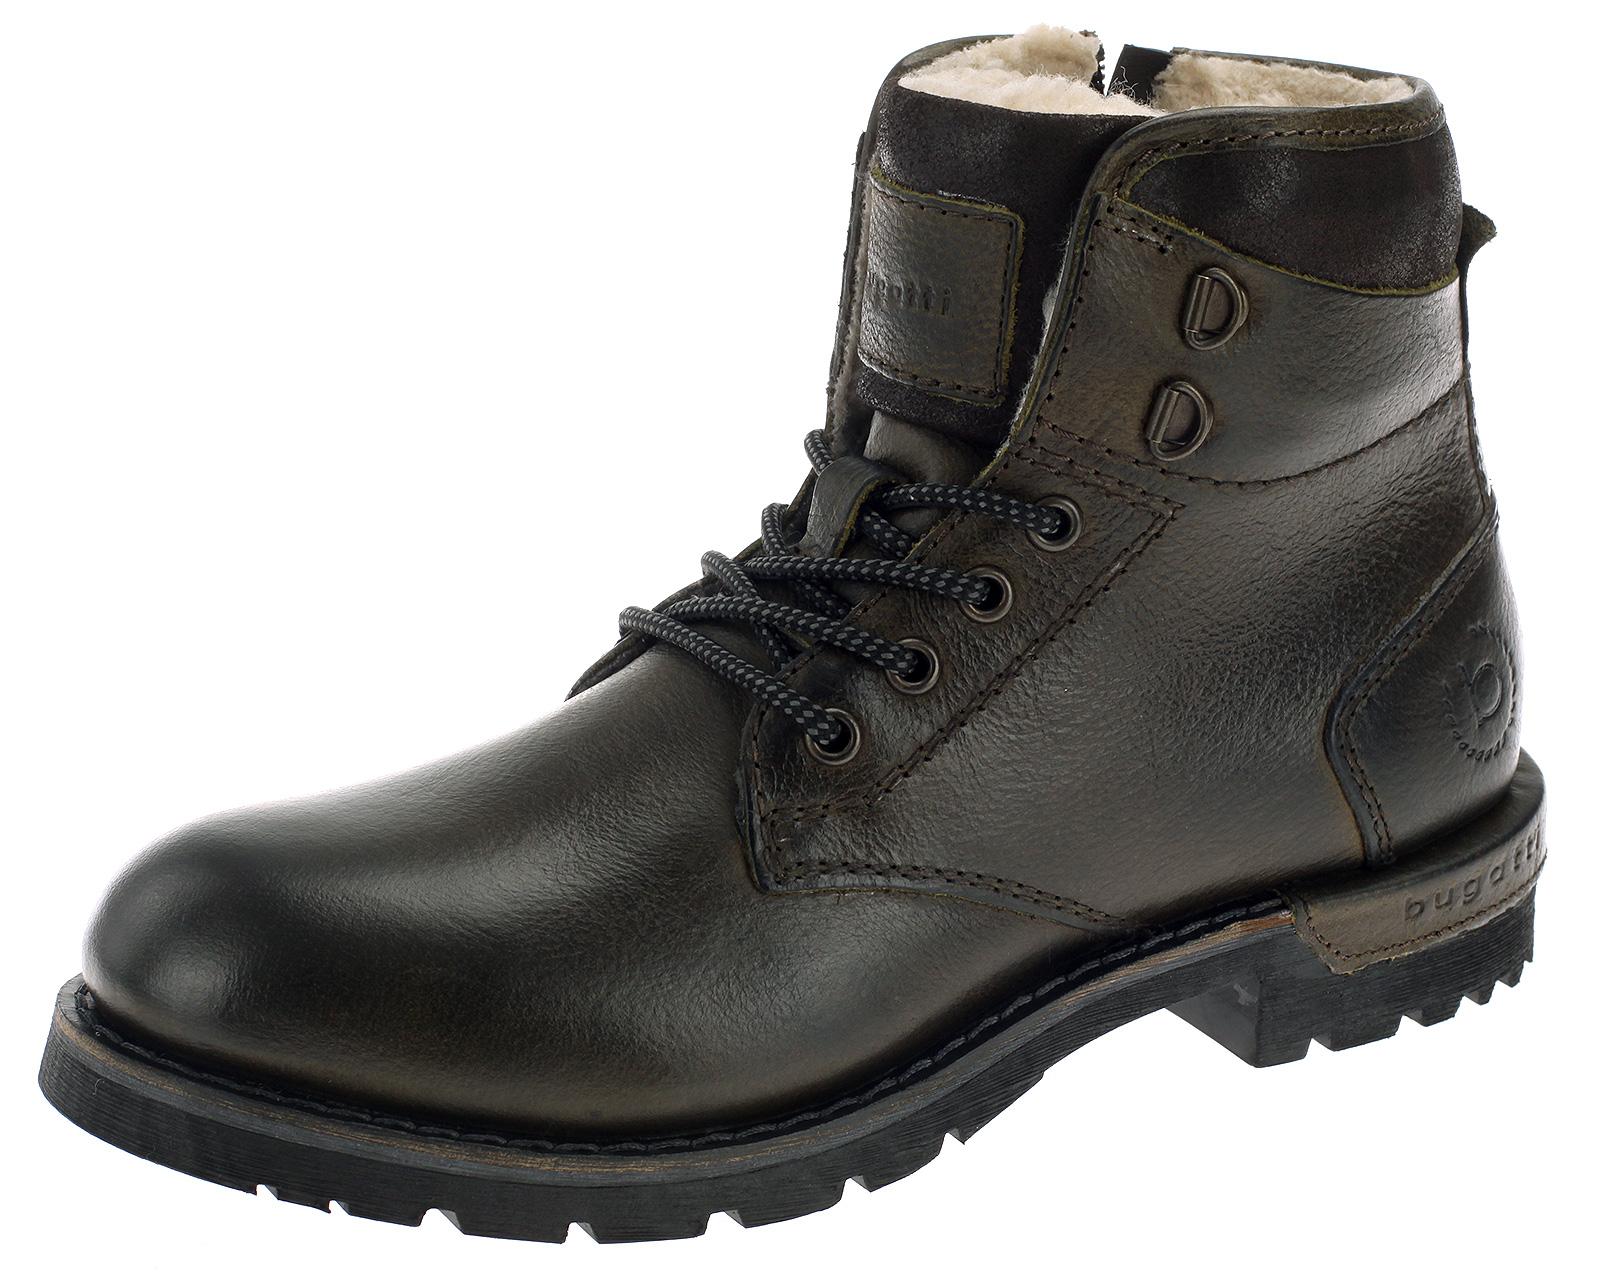 Bugatti Herren Leder Stiefel Boots Grün 61156